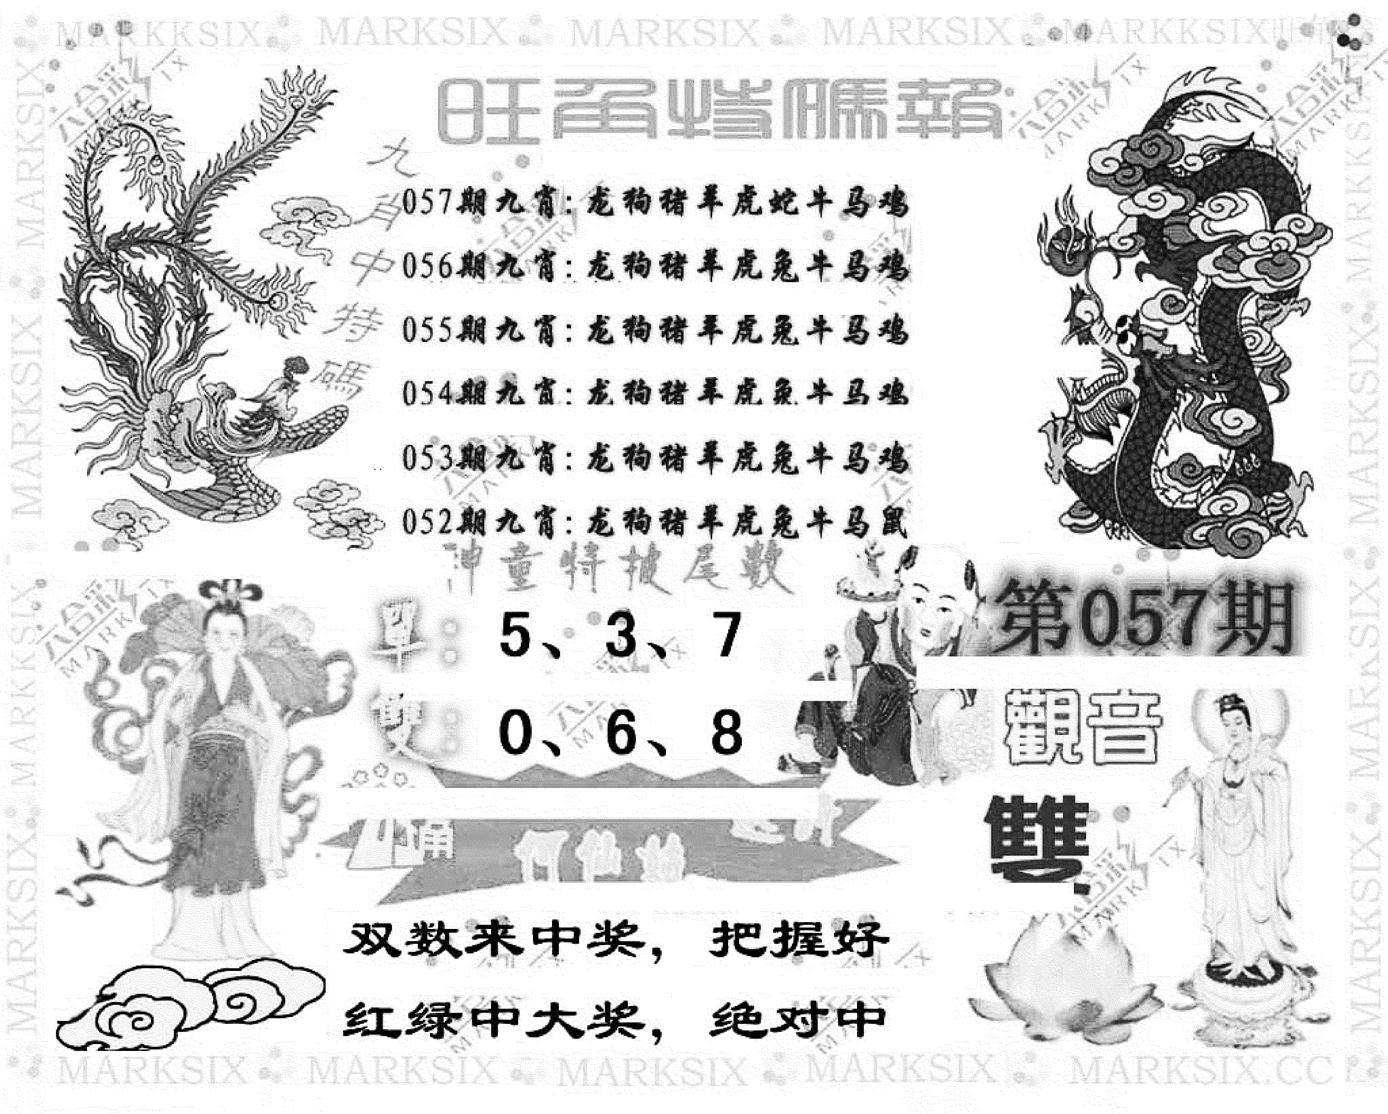 057期旺角特码报(彩)(黑白)